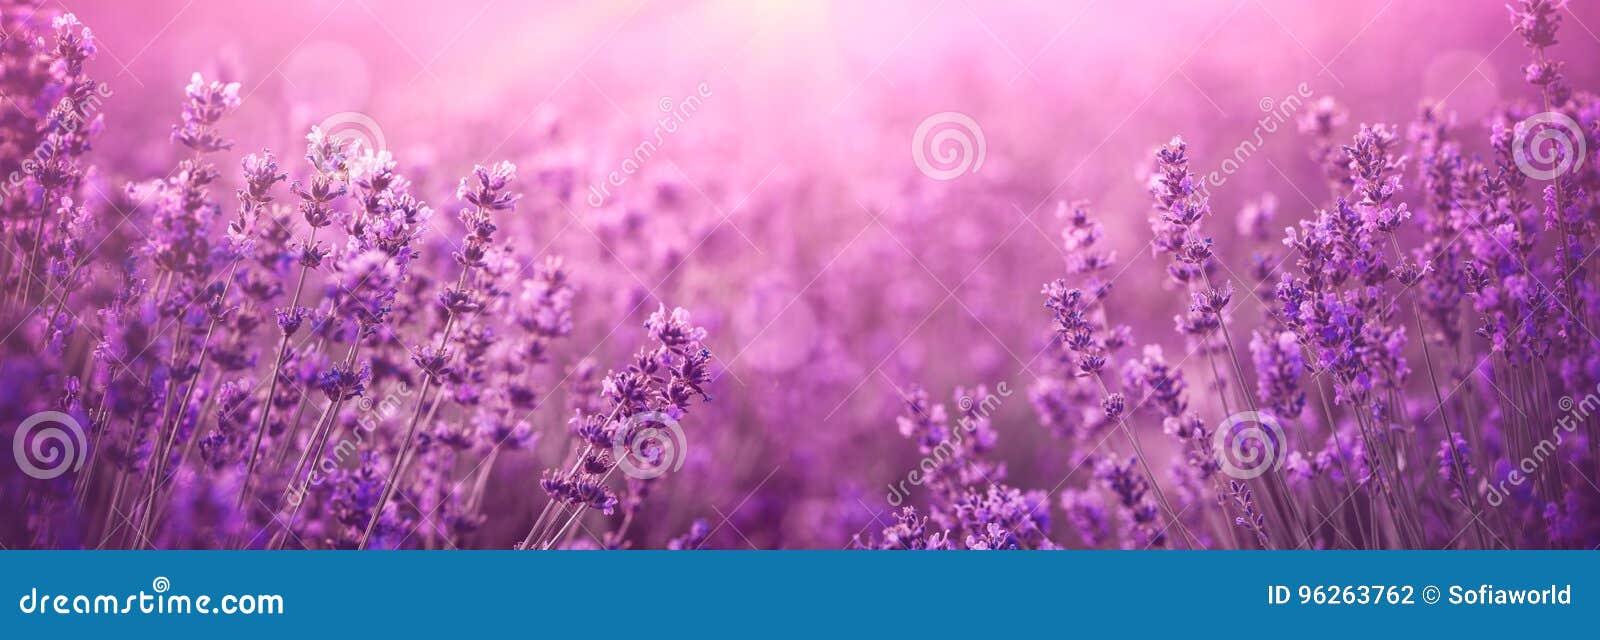 紫罗兰色淡紫色领域